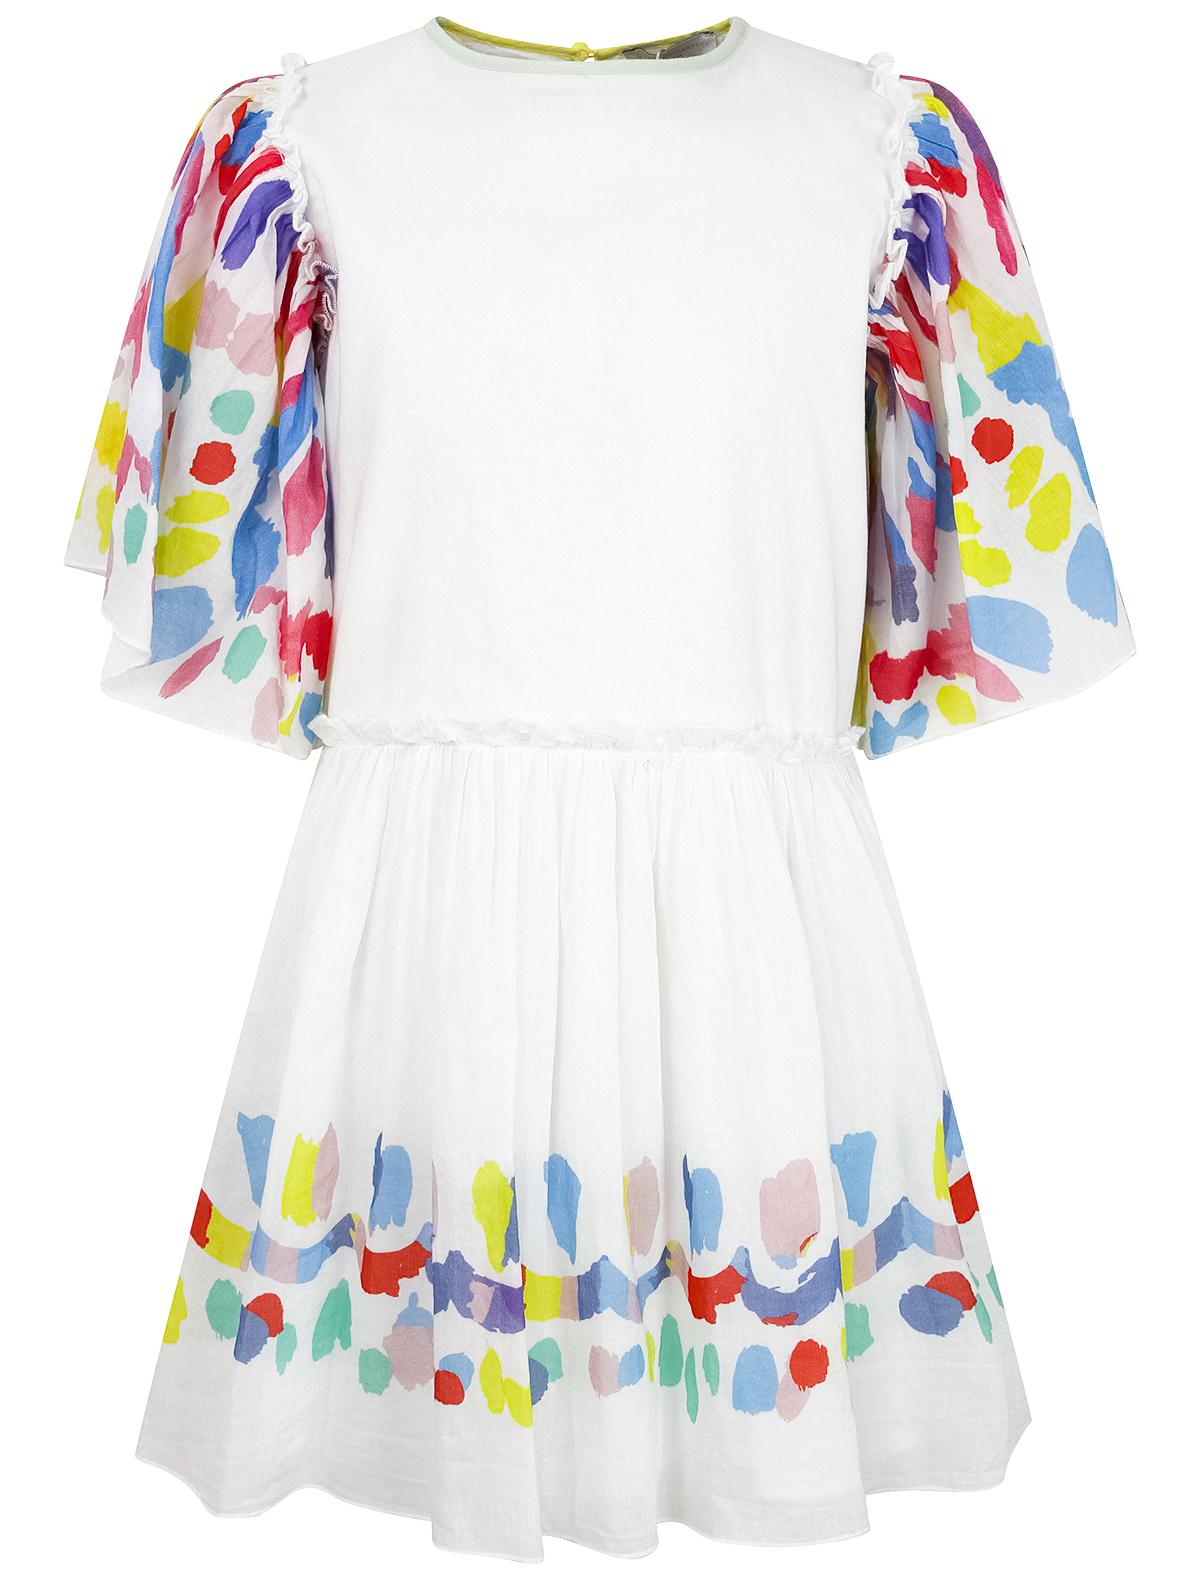 Купить 2279989, Платье Stella McCartney, белый, Женский, 1054509173504